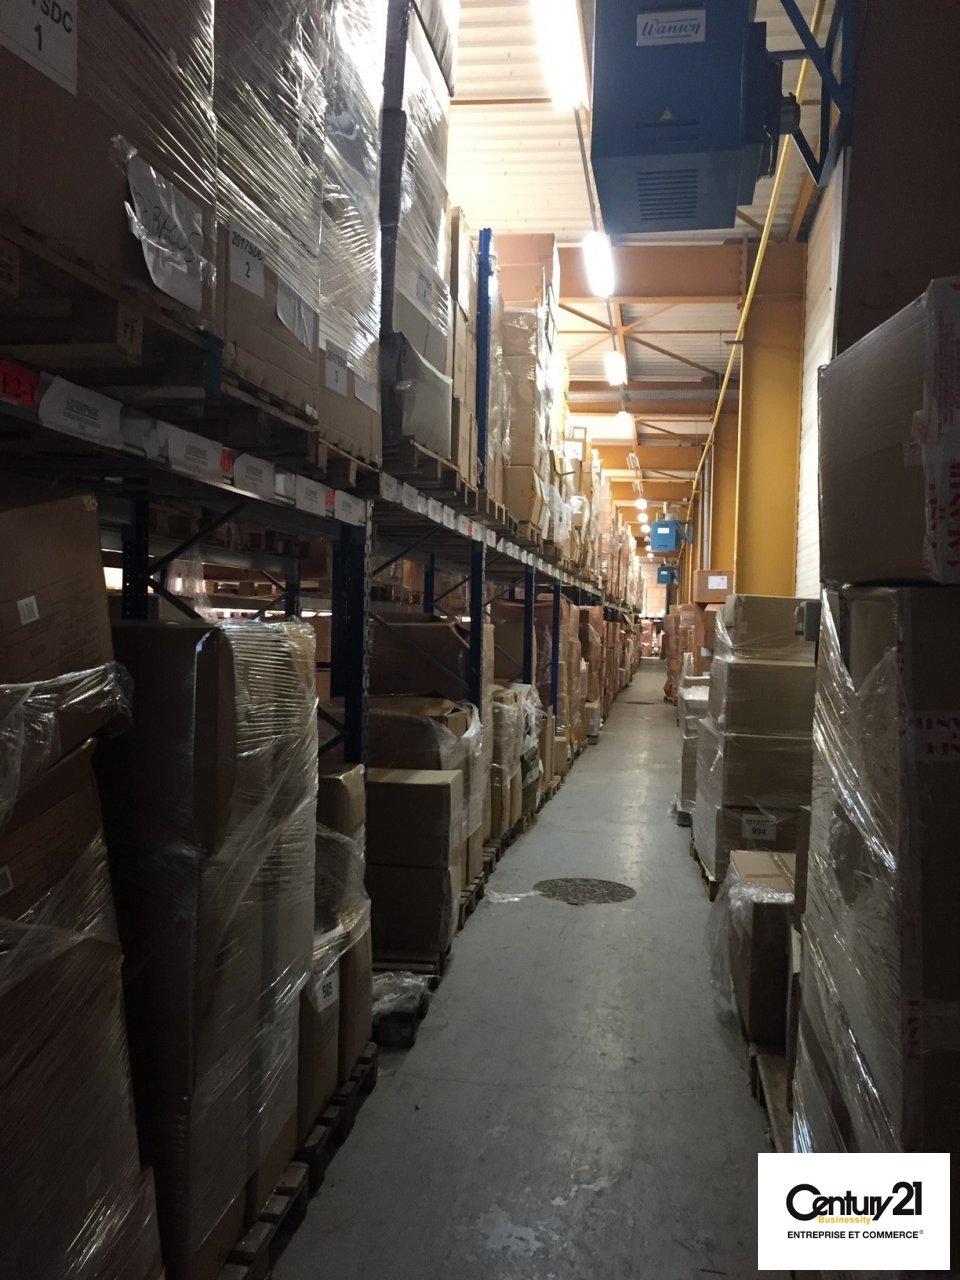 Entrepôt à vendre - 3000.0 m2 - 77 - Seine-et-Marne